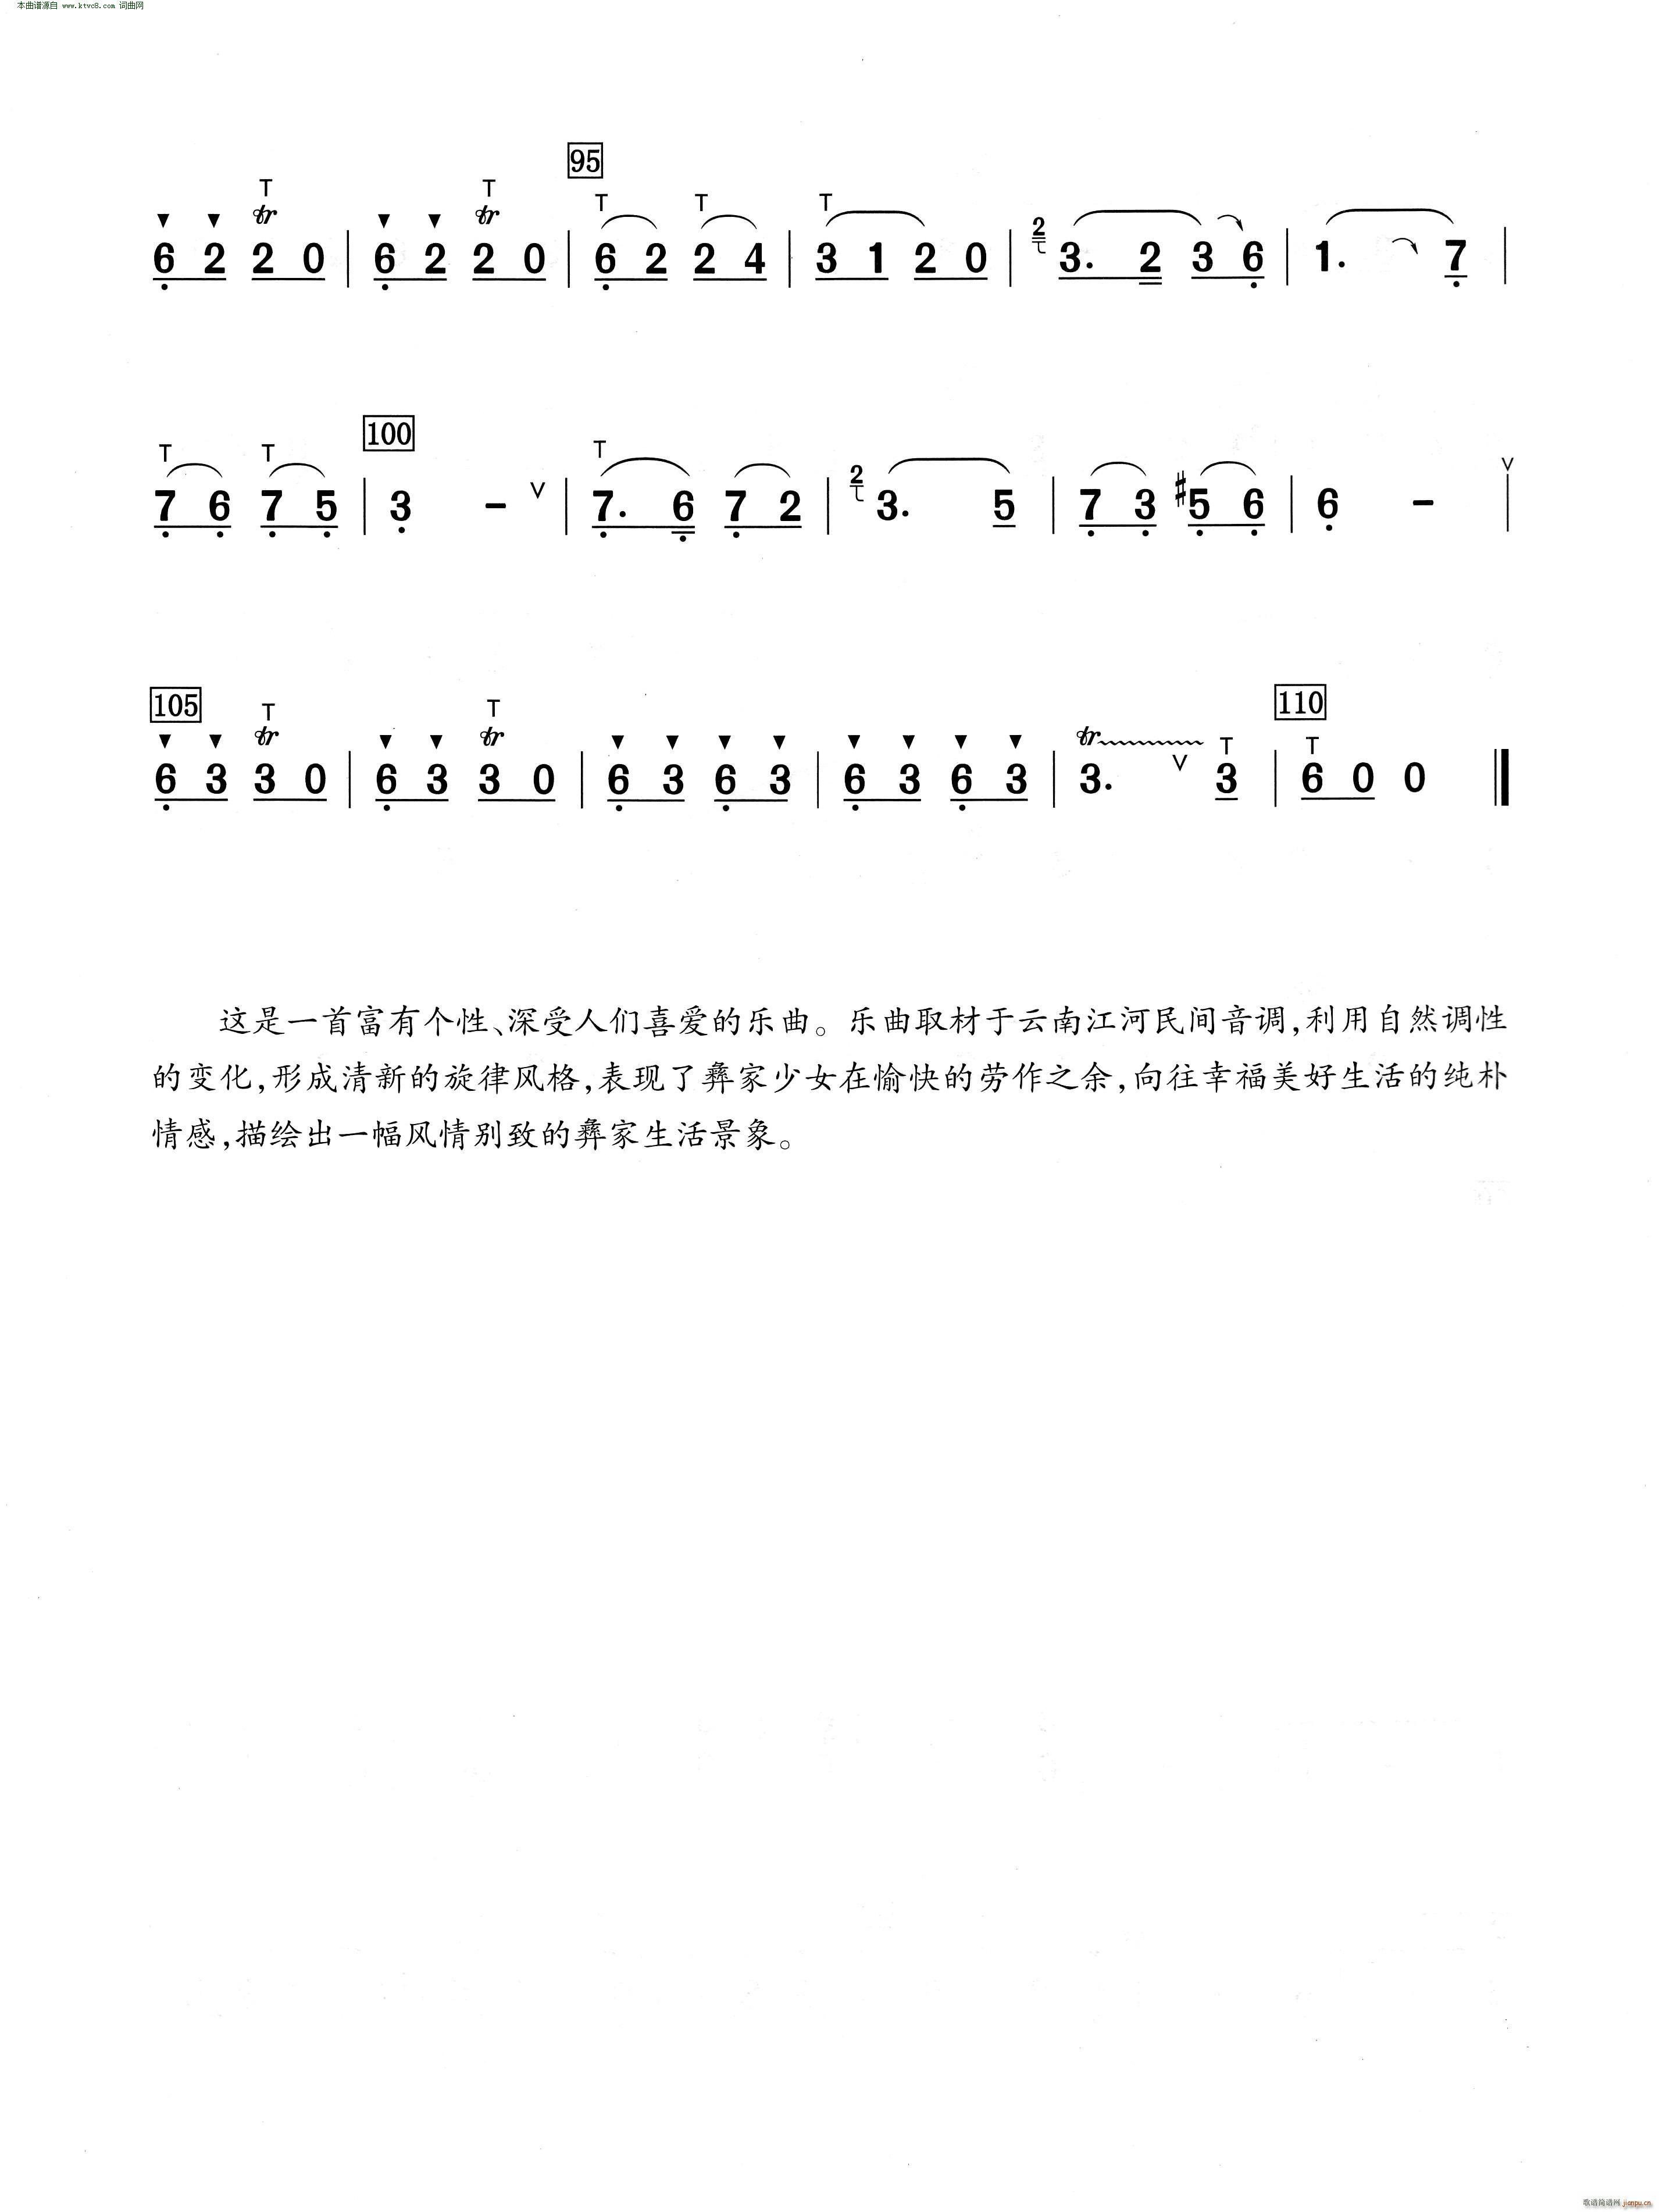 多情的巴乌 葫芦丝演奏提示版(葫芦丝谱)3